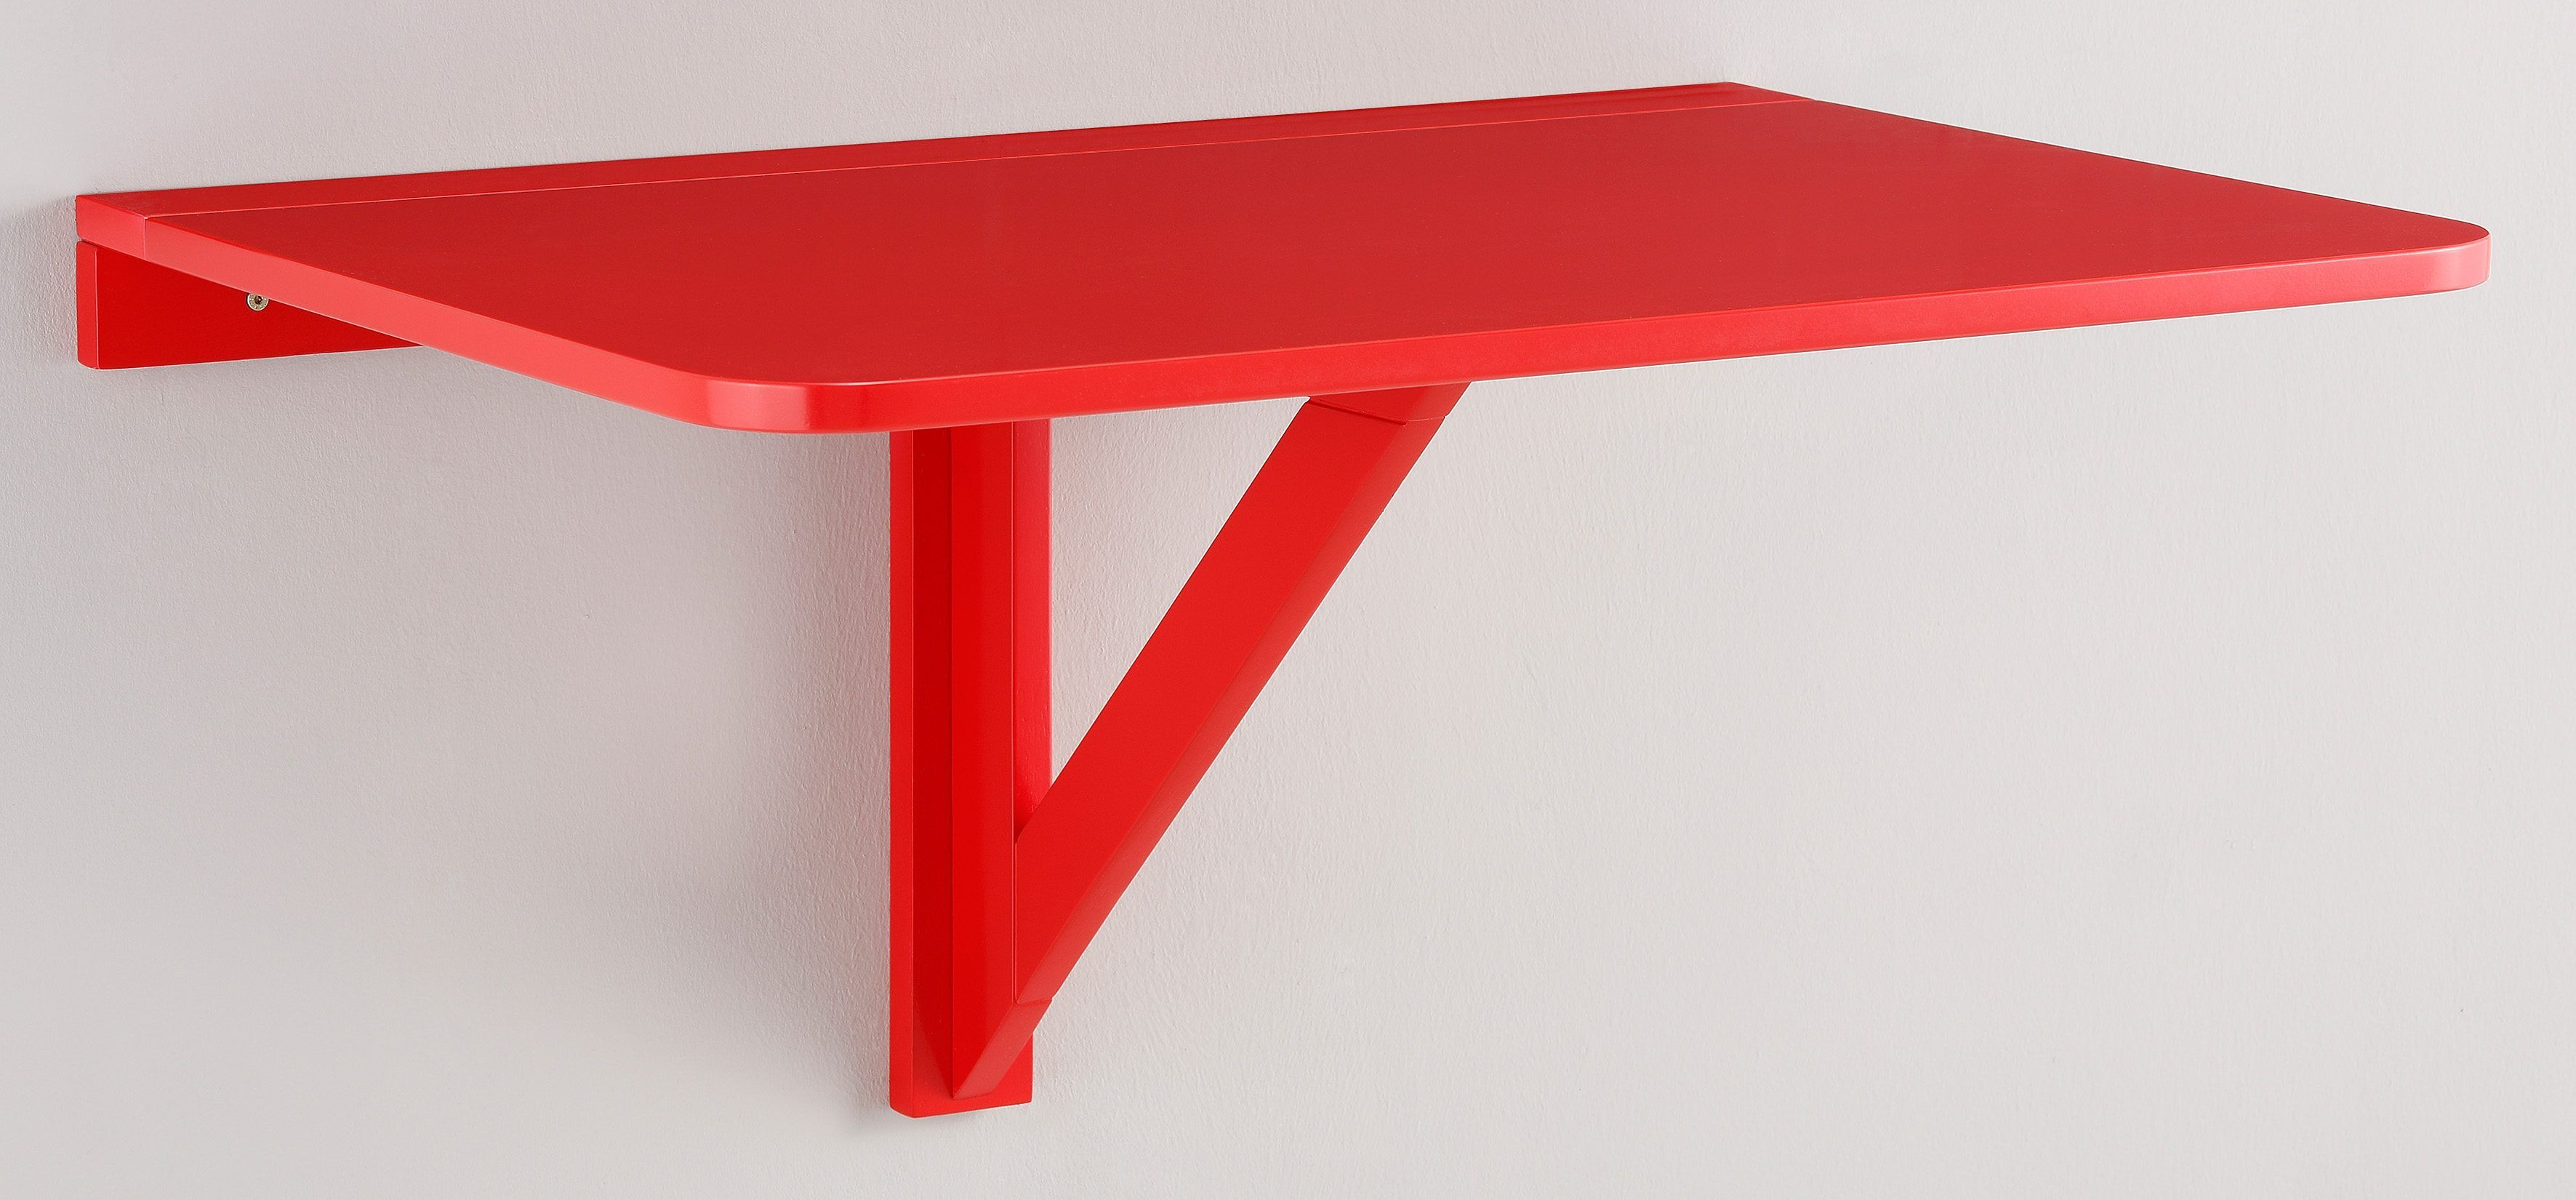 Esszimmer-buffet-schränke home affaire klapptisch rot fsczertifiziert jetzt bestellen